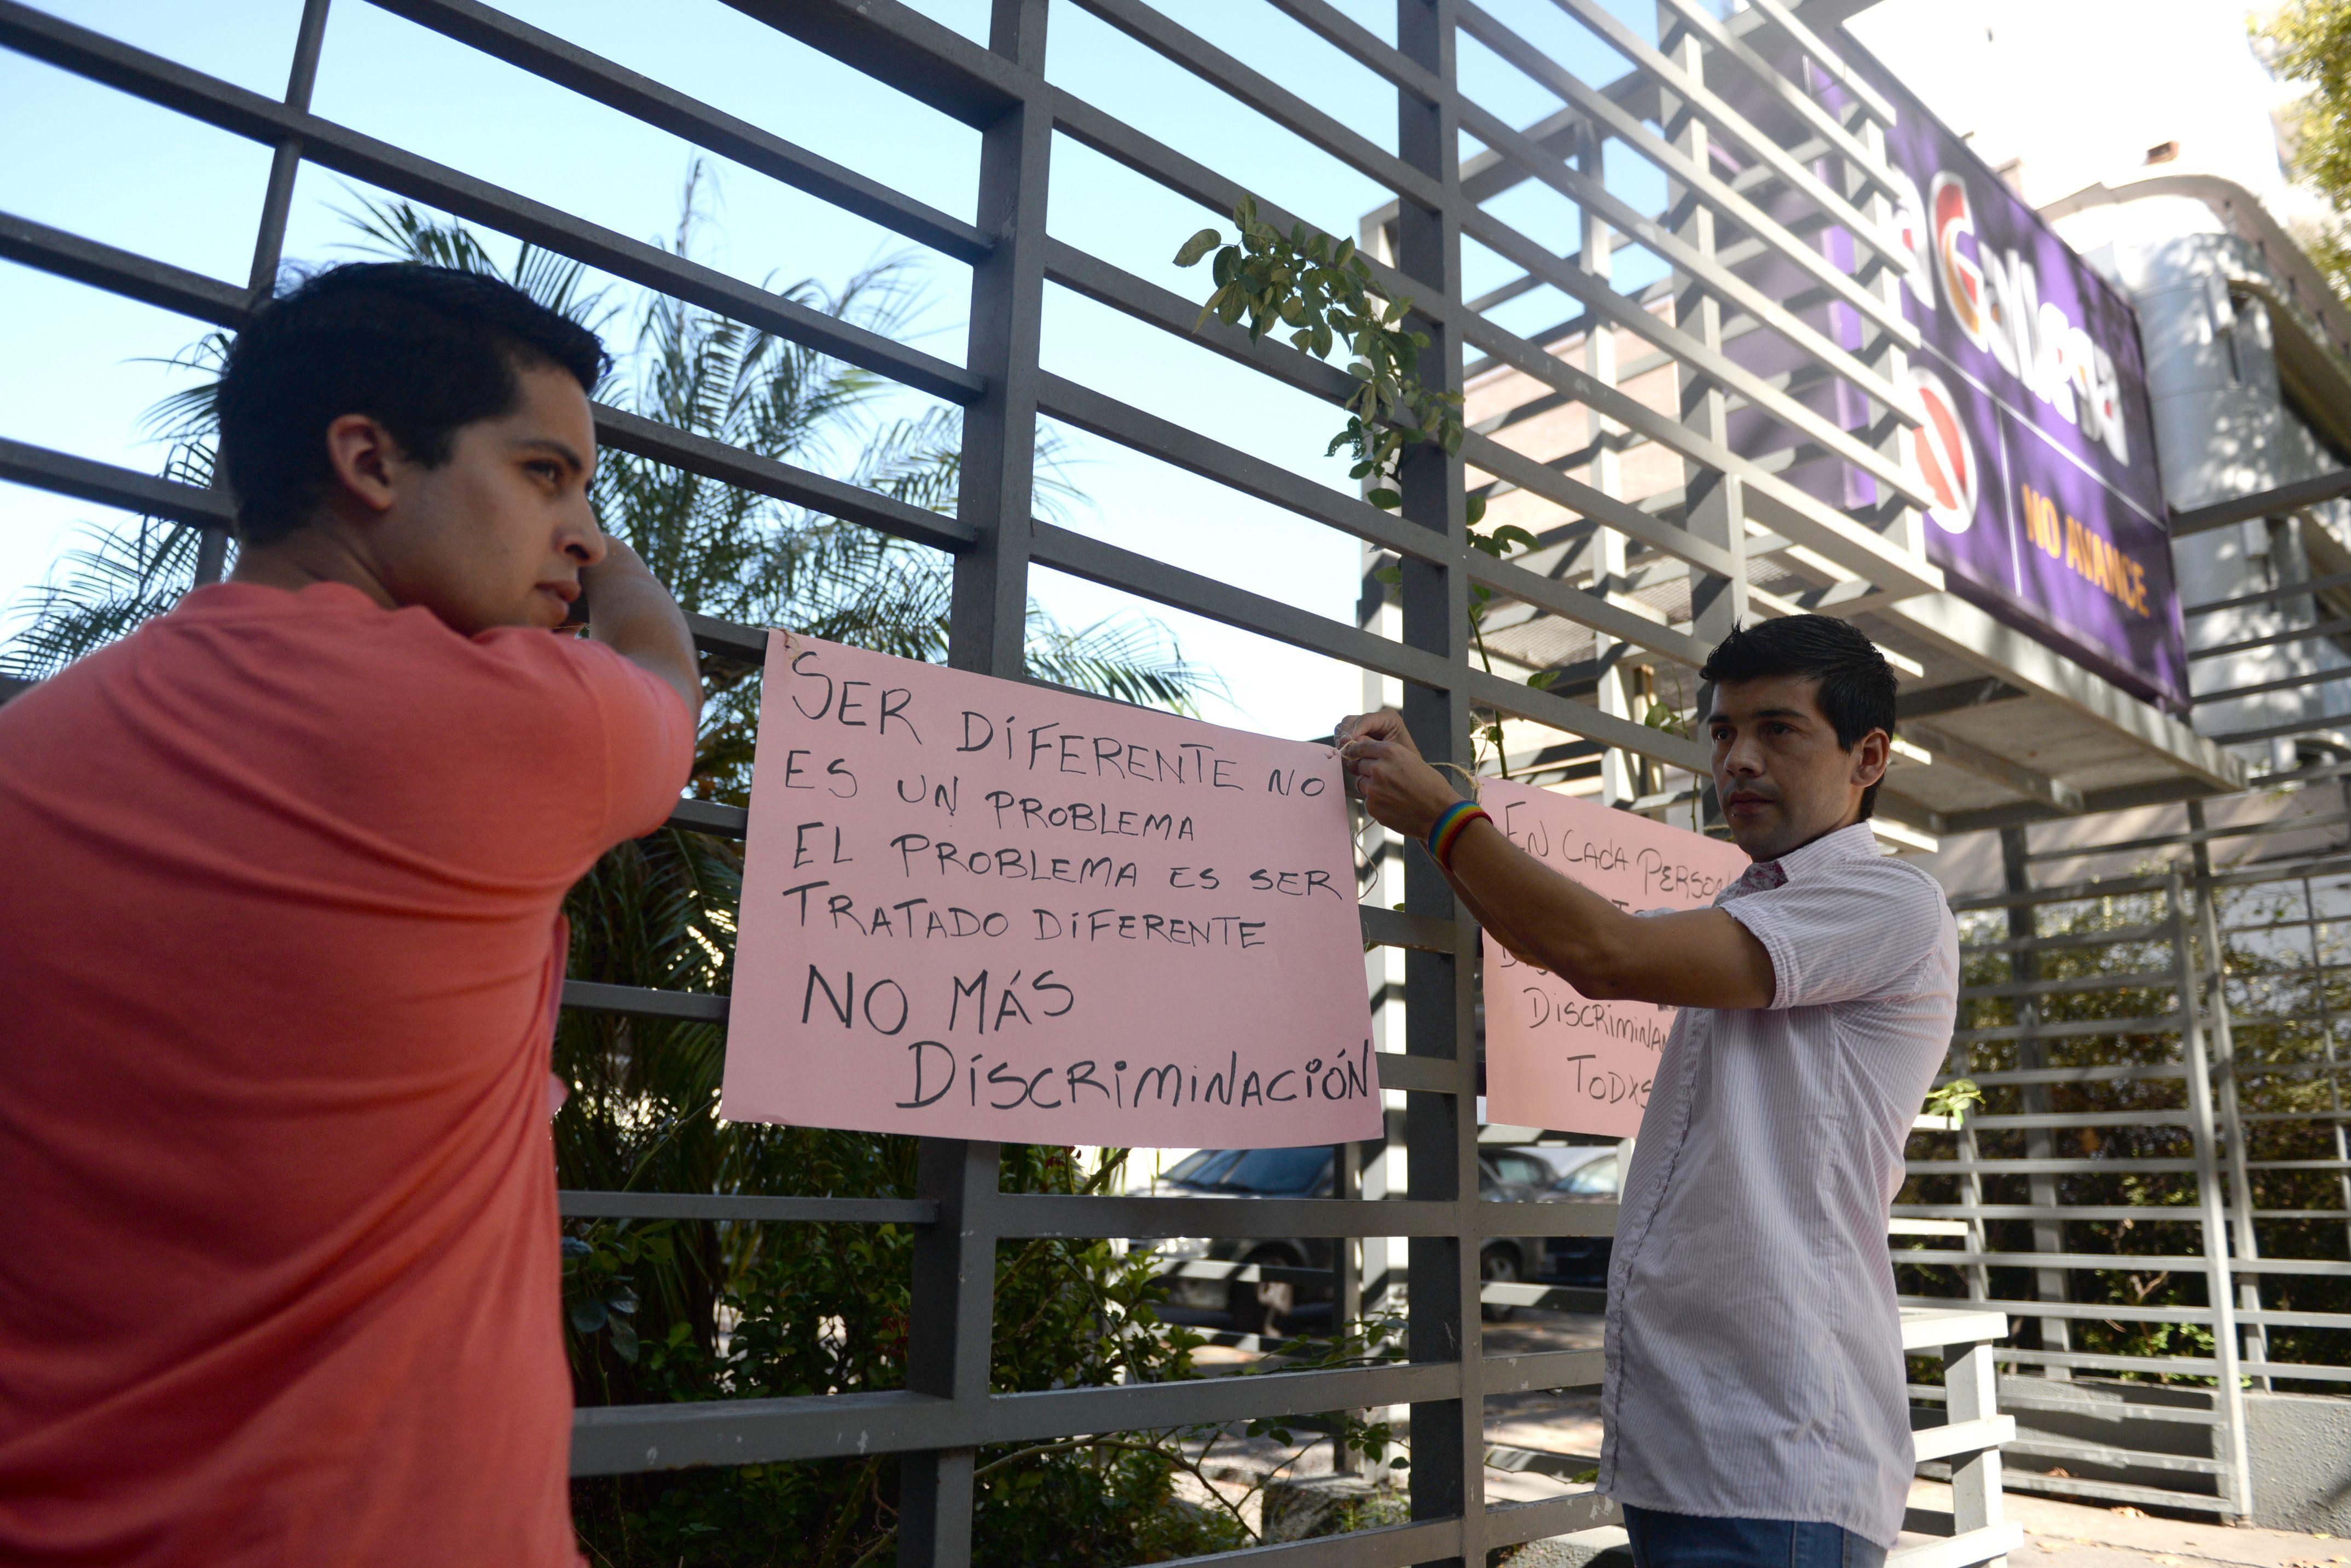 En marzo de este año la pareja se puso al frente de un escrache contra el supermercado. (Archivo: Enrique Rodriguez Moreno)